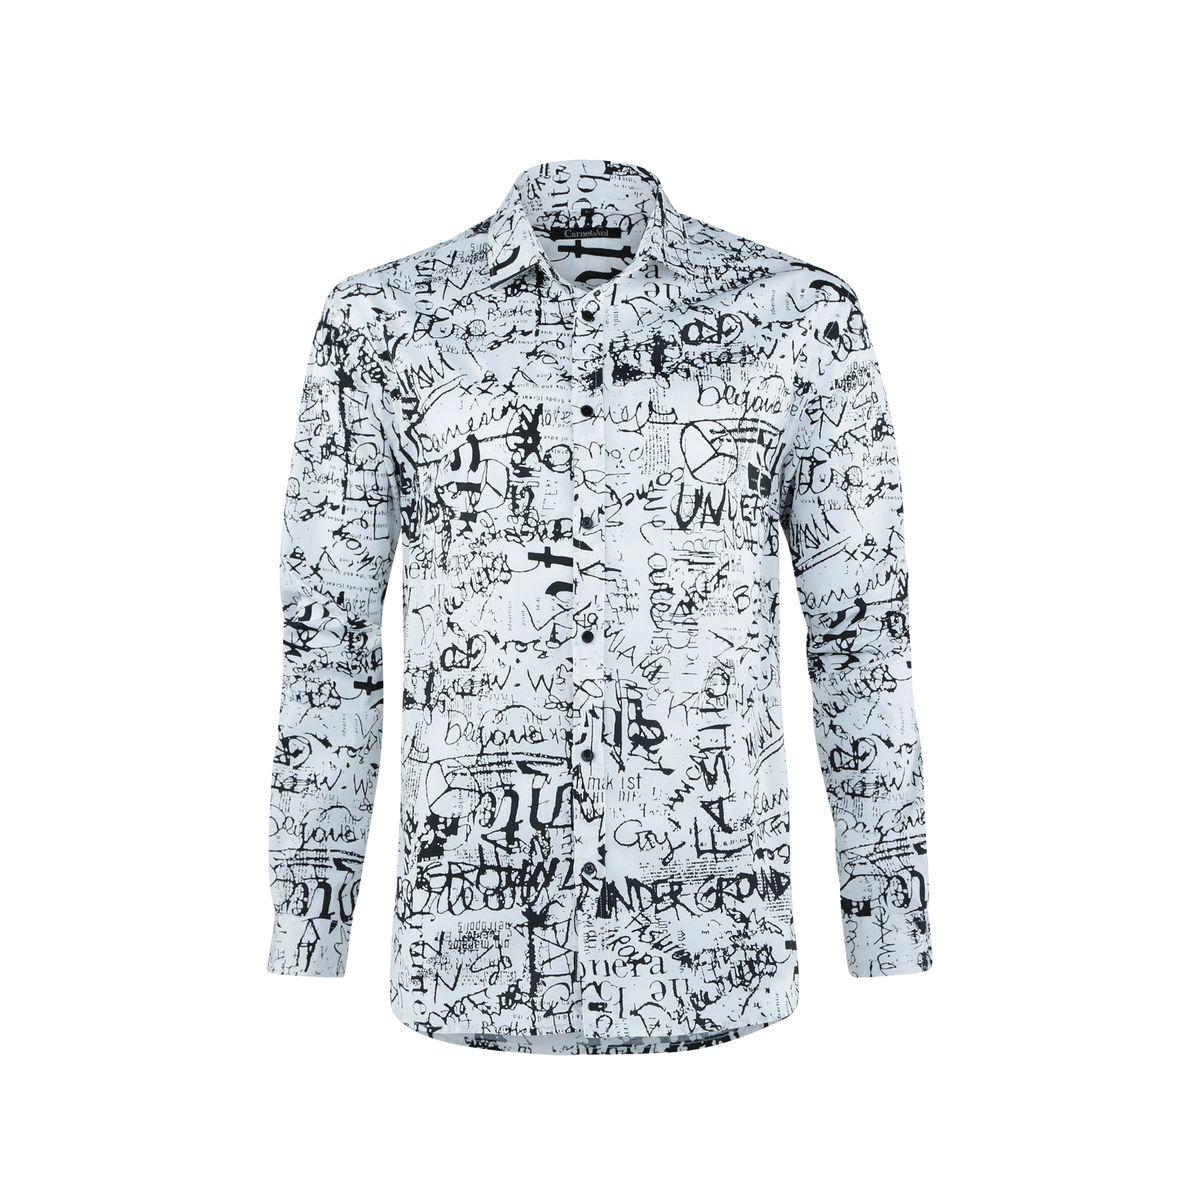 Chemise fond blanc imprime noir street art